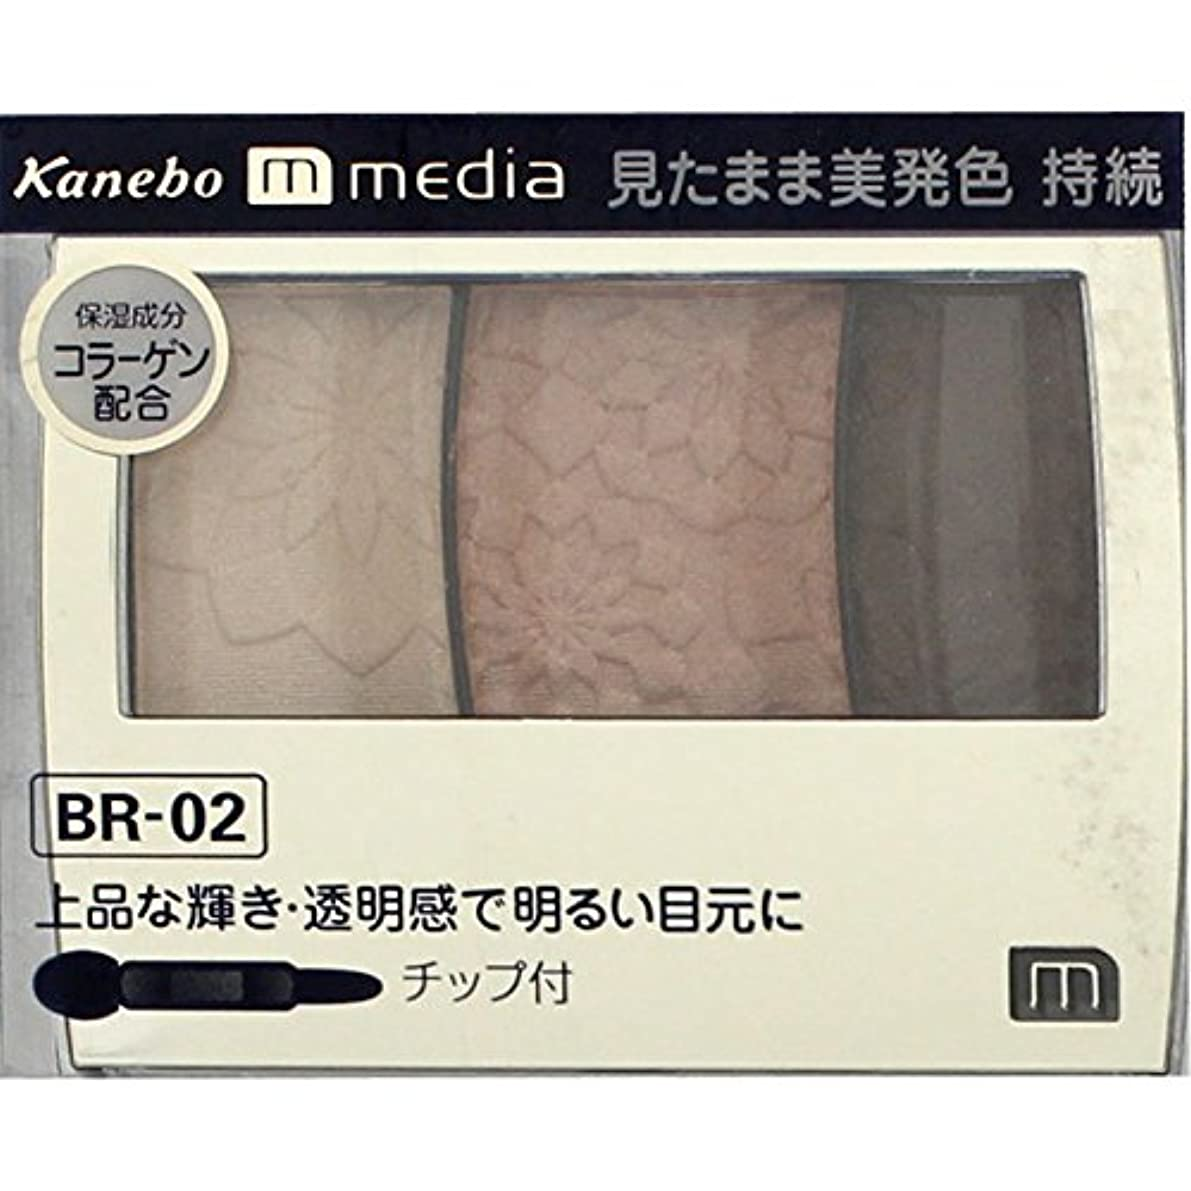 昇進保証する人類【カネボウ】 メディア グラデカラーアイシャドウ BR-02